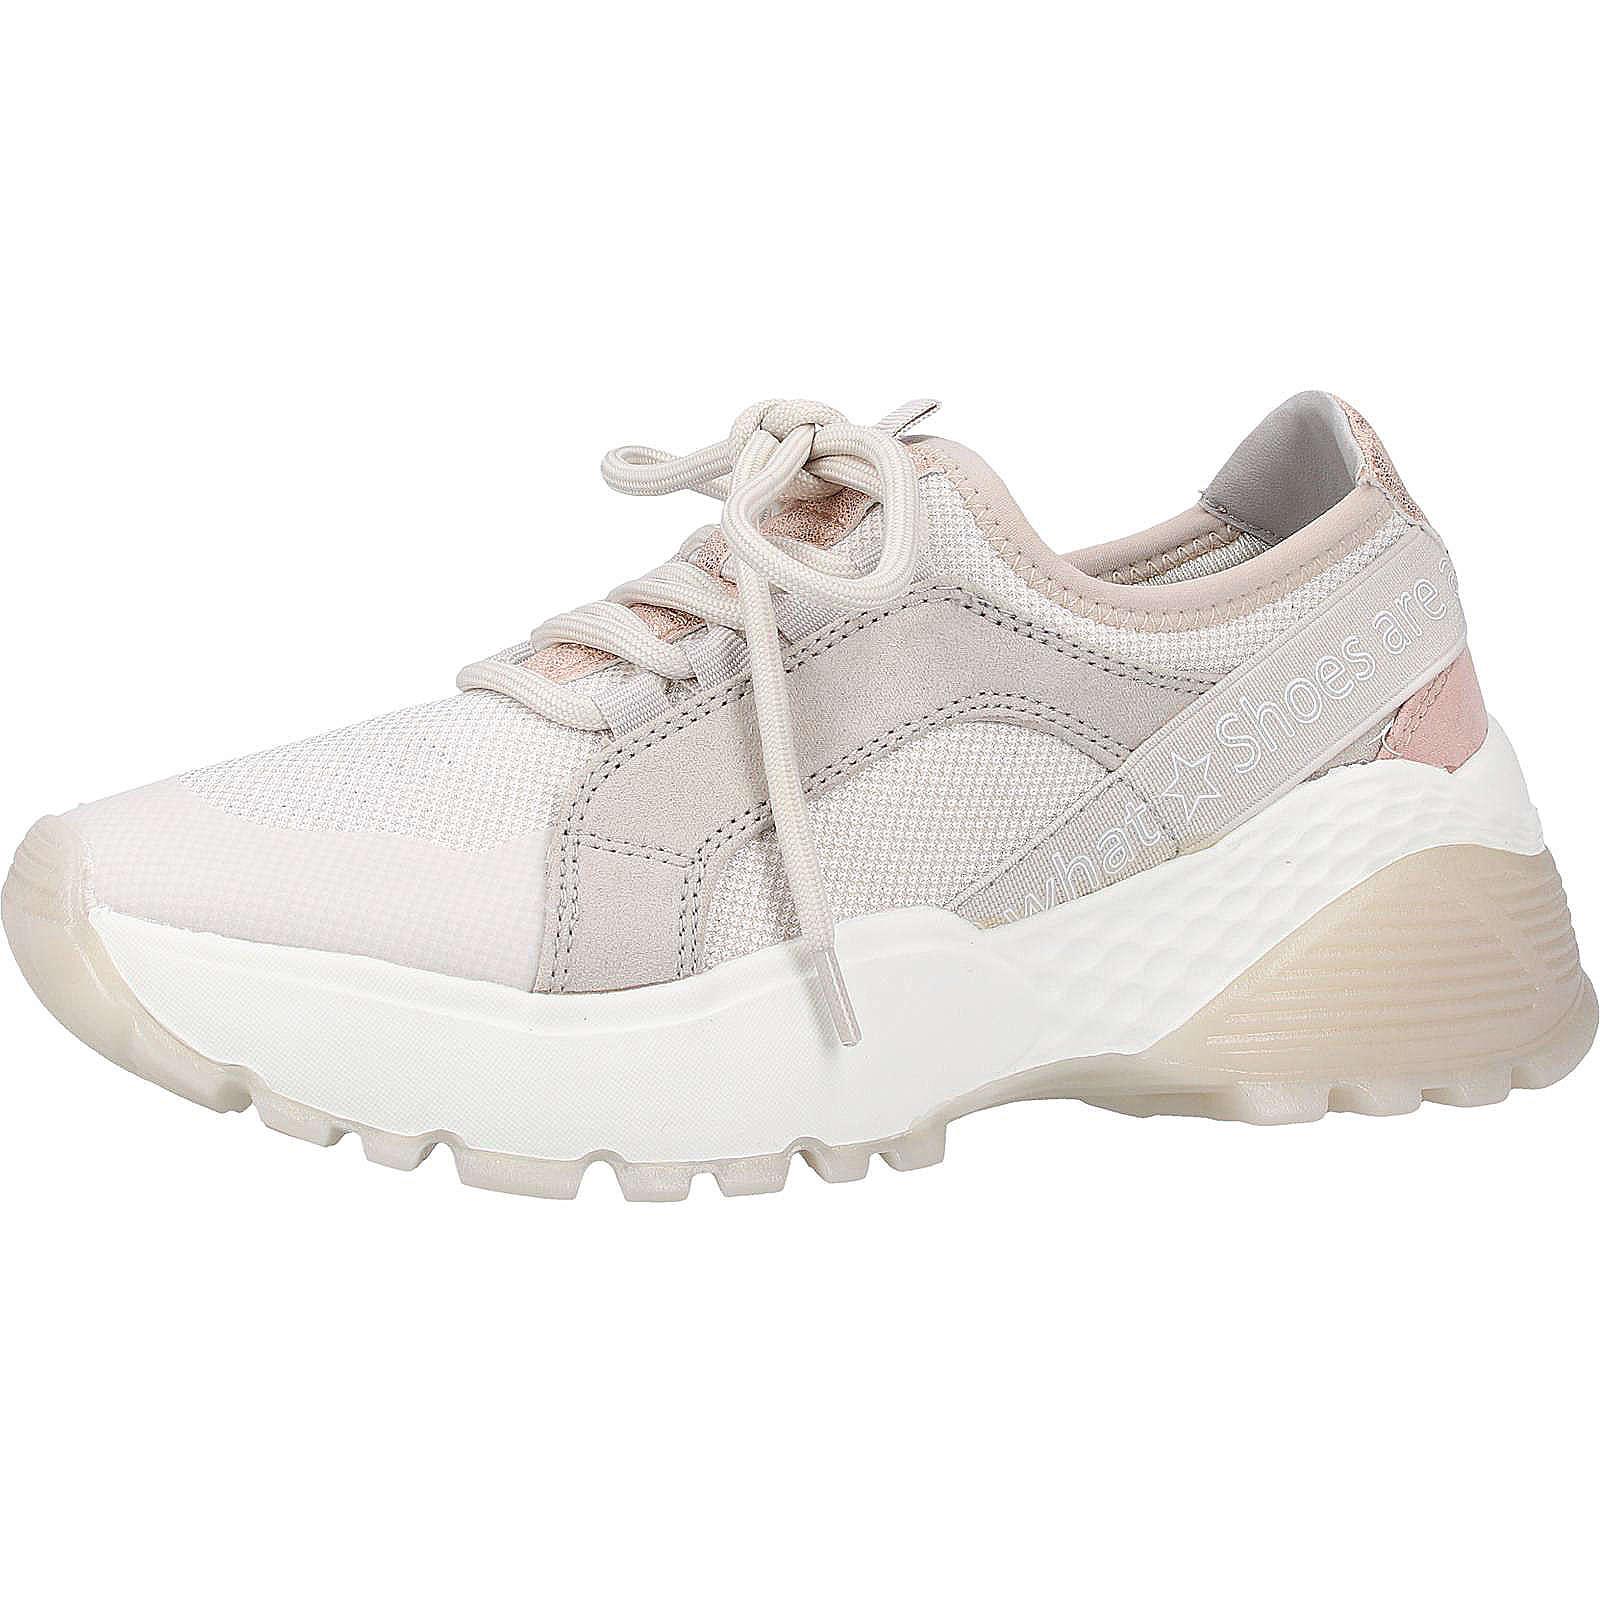 s.Oliver Sneaker Sneakers Low grau Damen Gr. 38